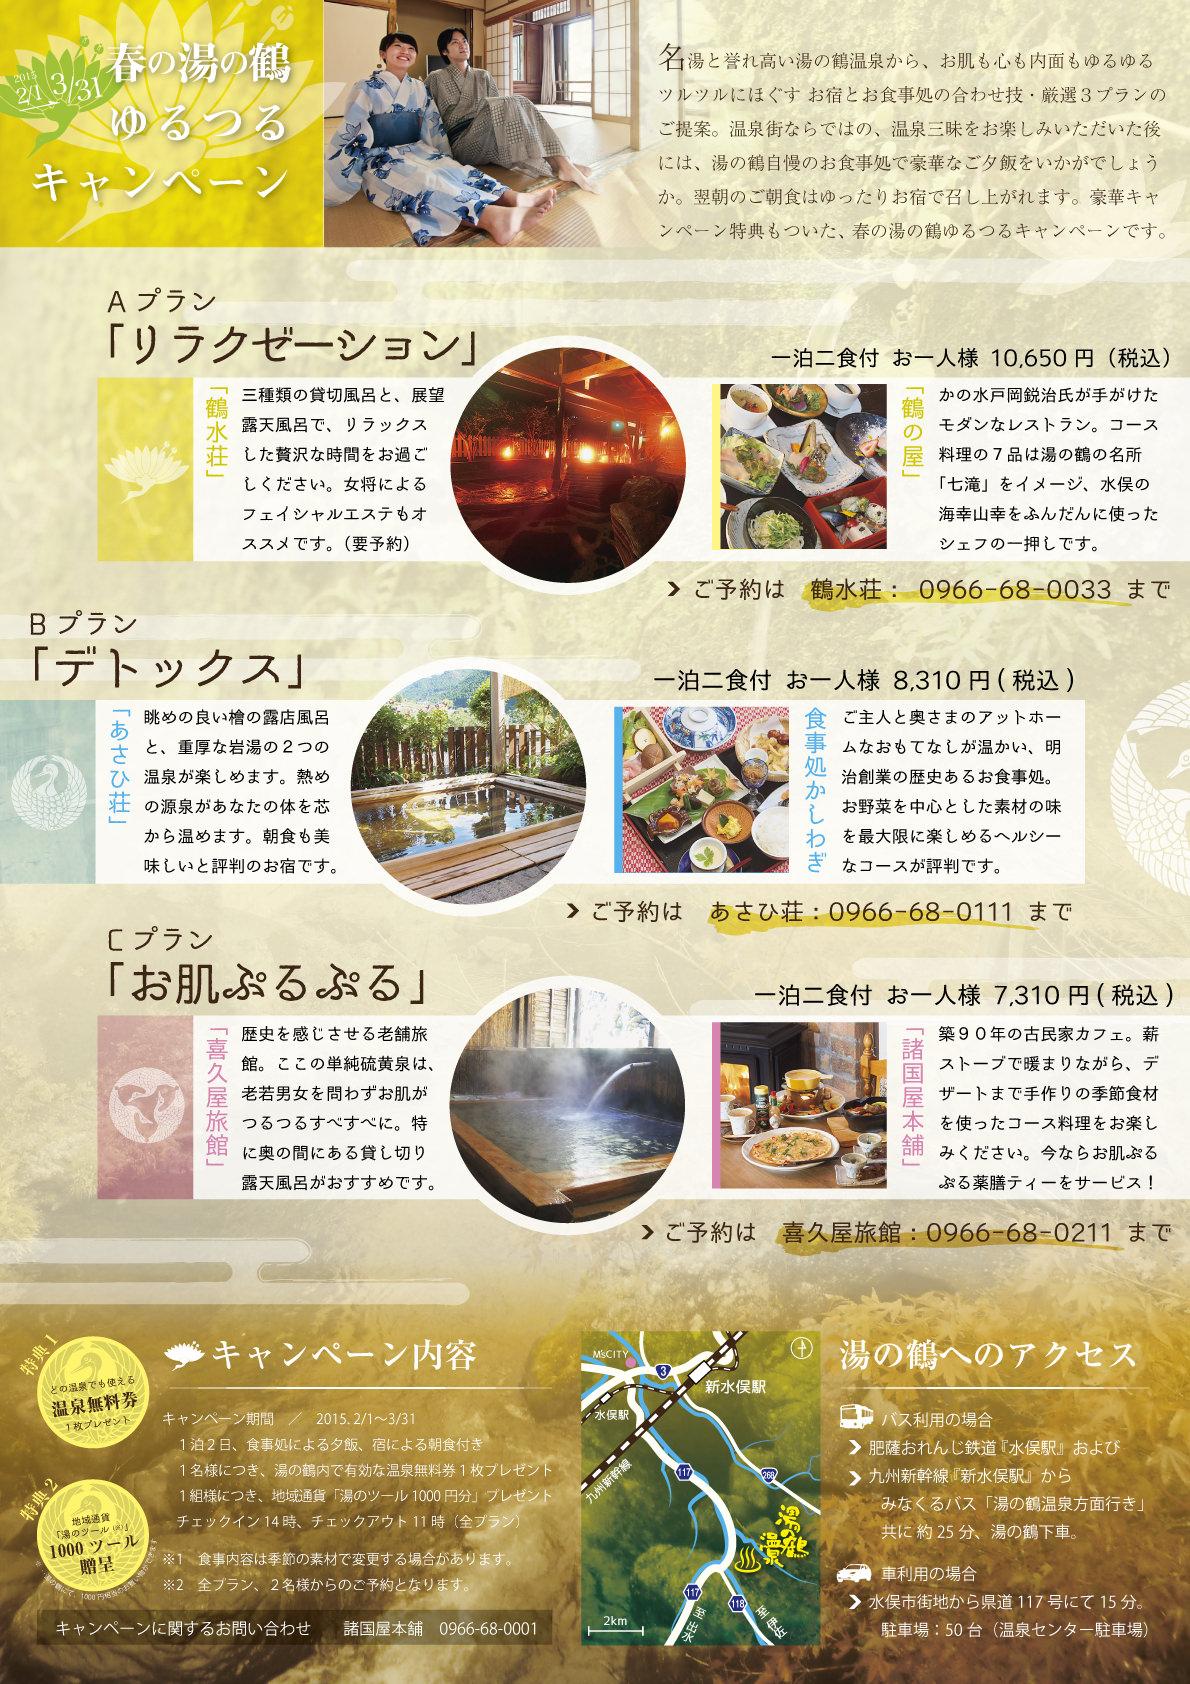 春の湯の鶴ゆるつるキャンペーン